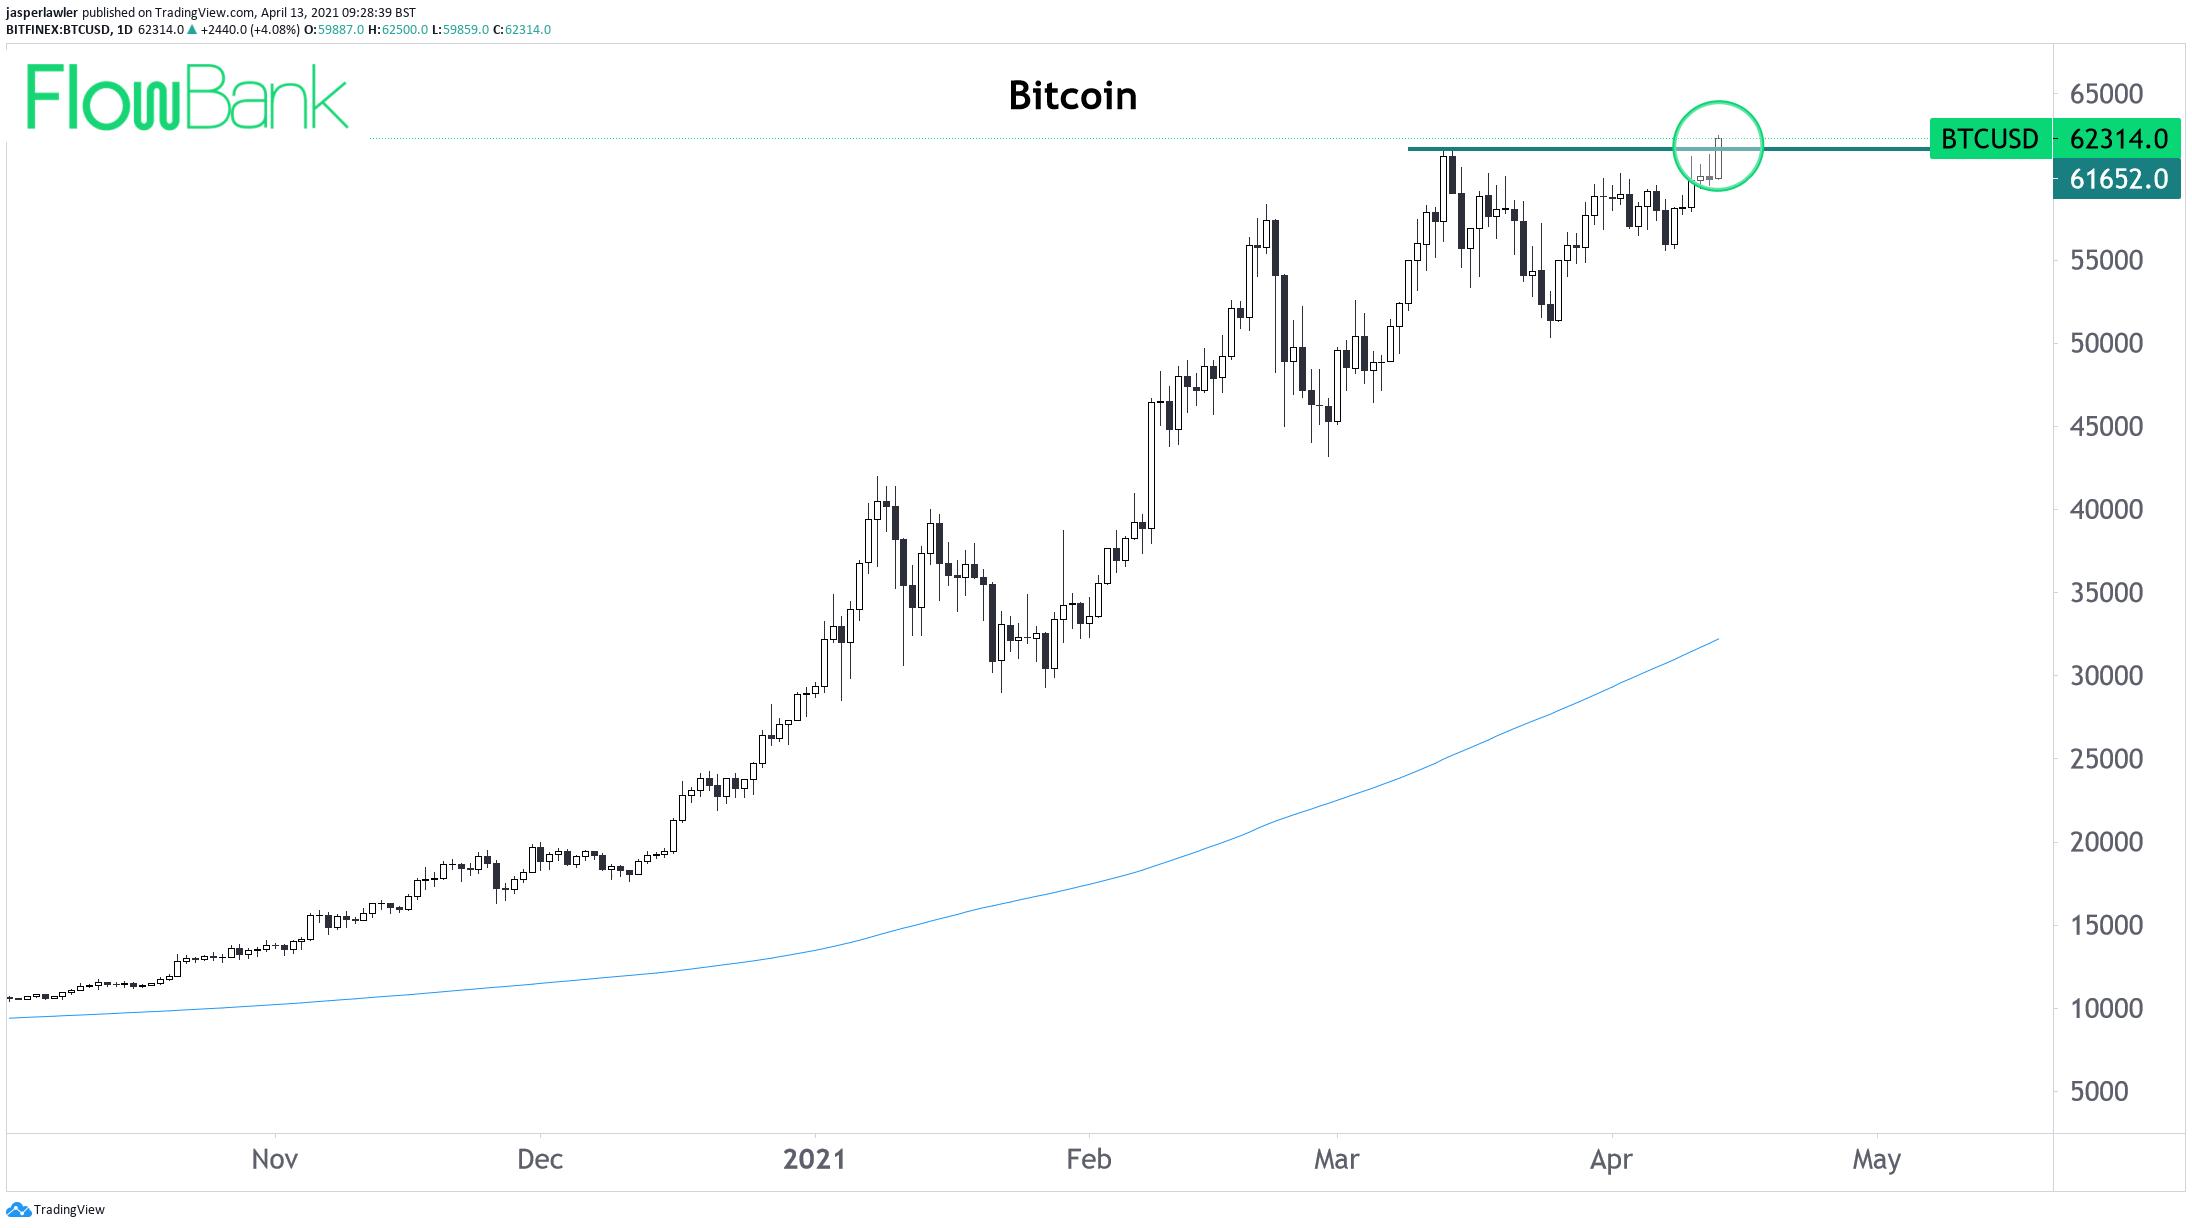 Bitcoin reaches a new #ATM above $62,000